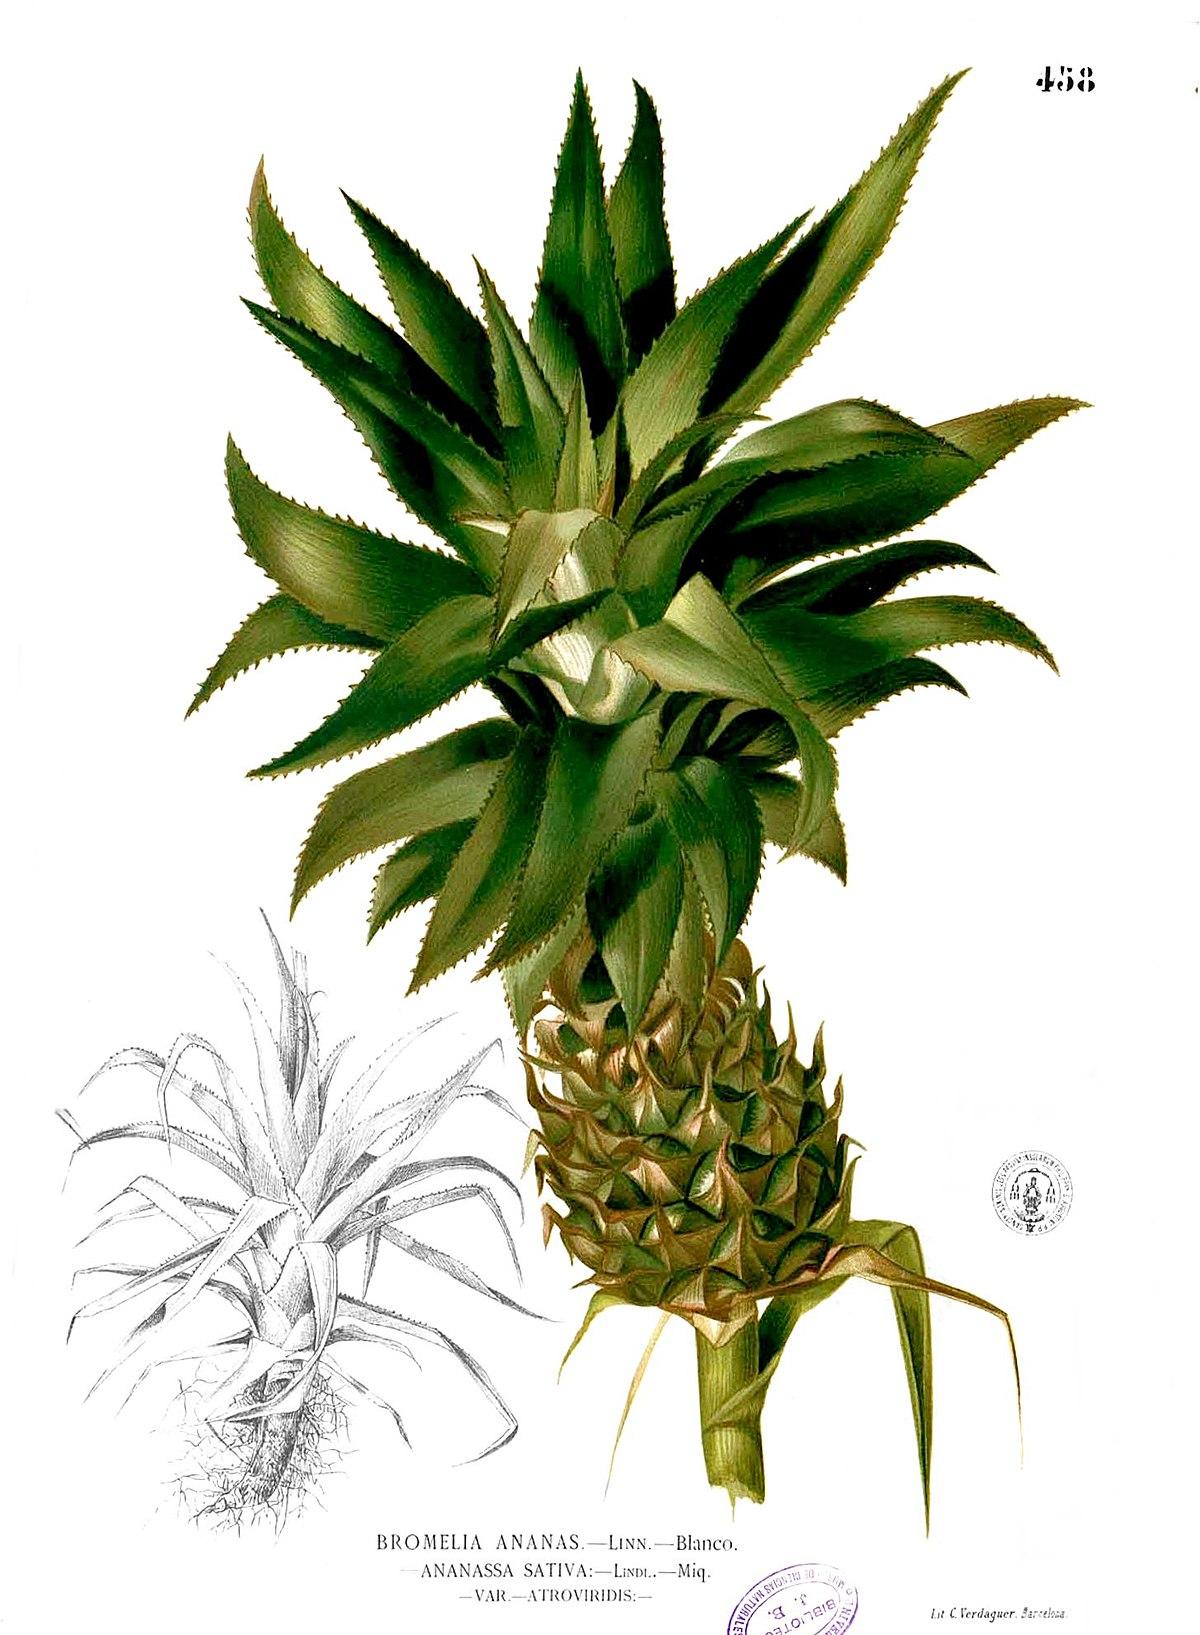 Ananas comosus wikipedia la enciclopedia libre for Arbol con raices y frutos